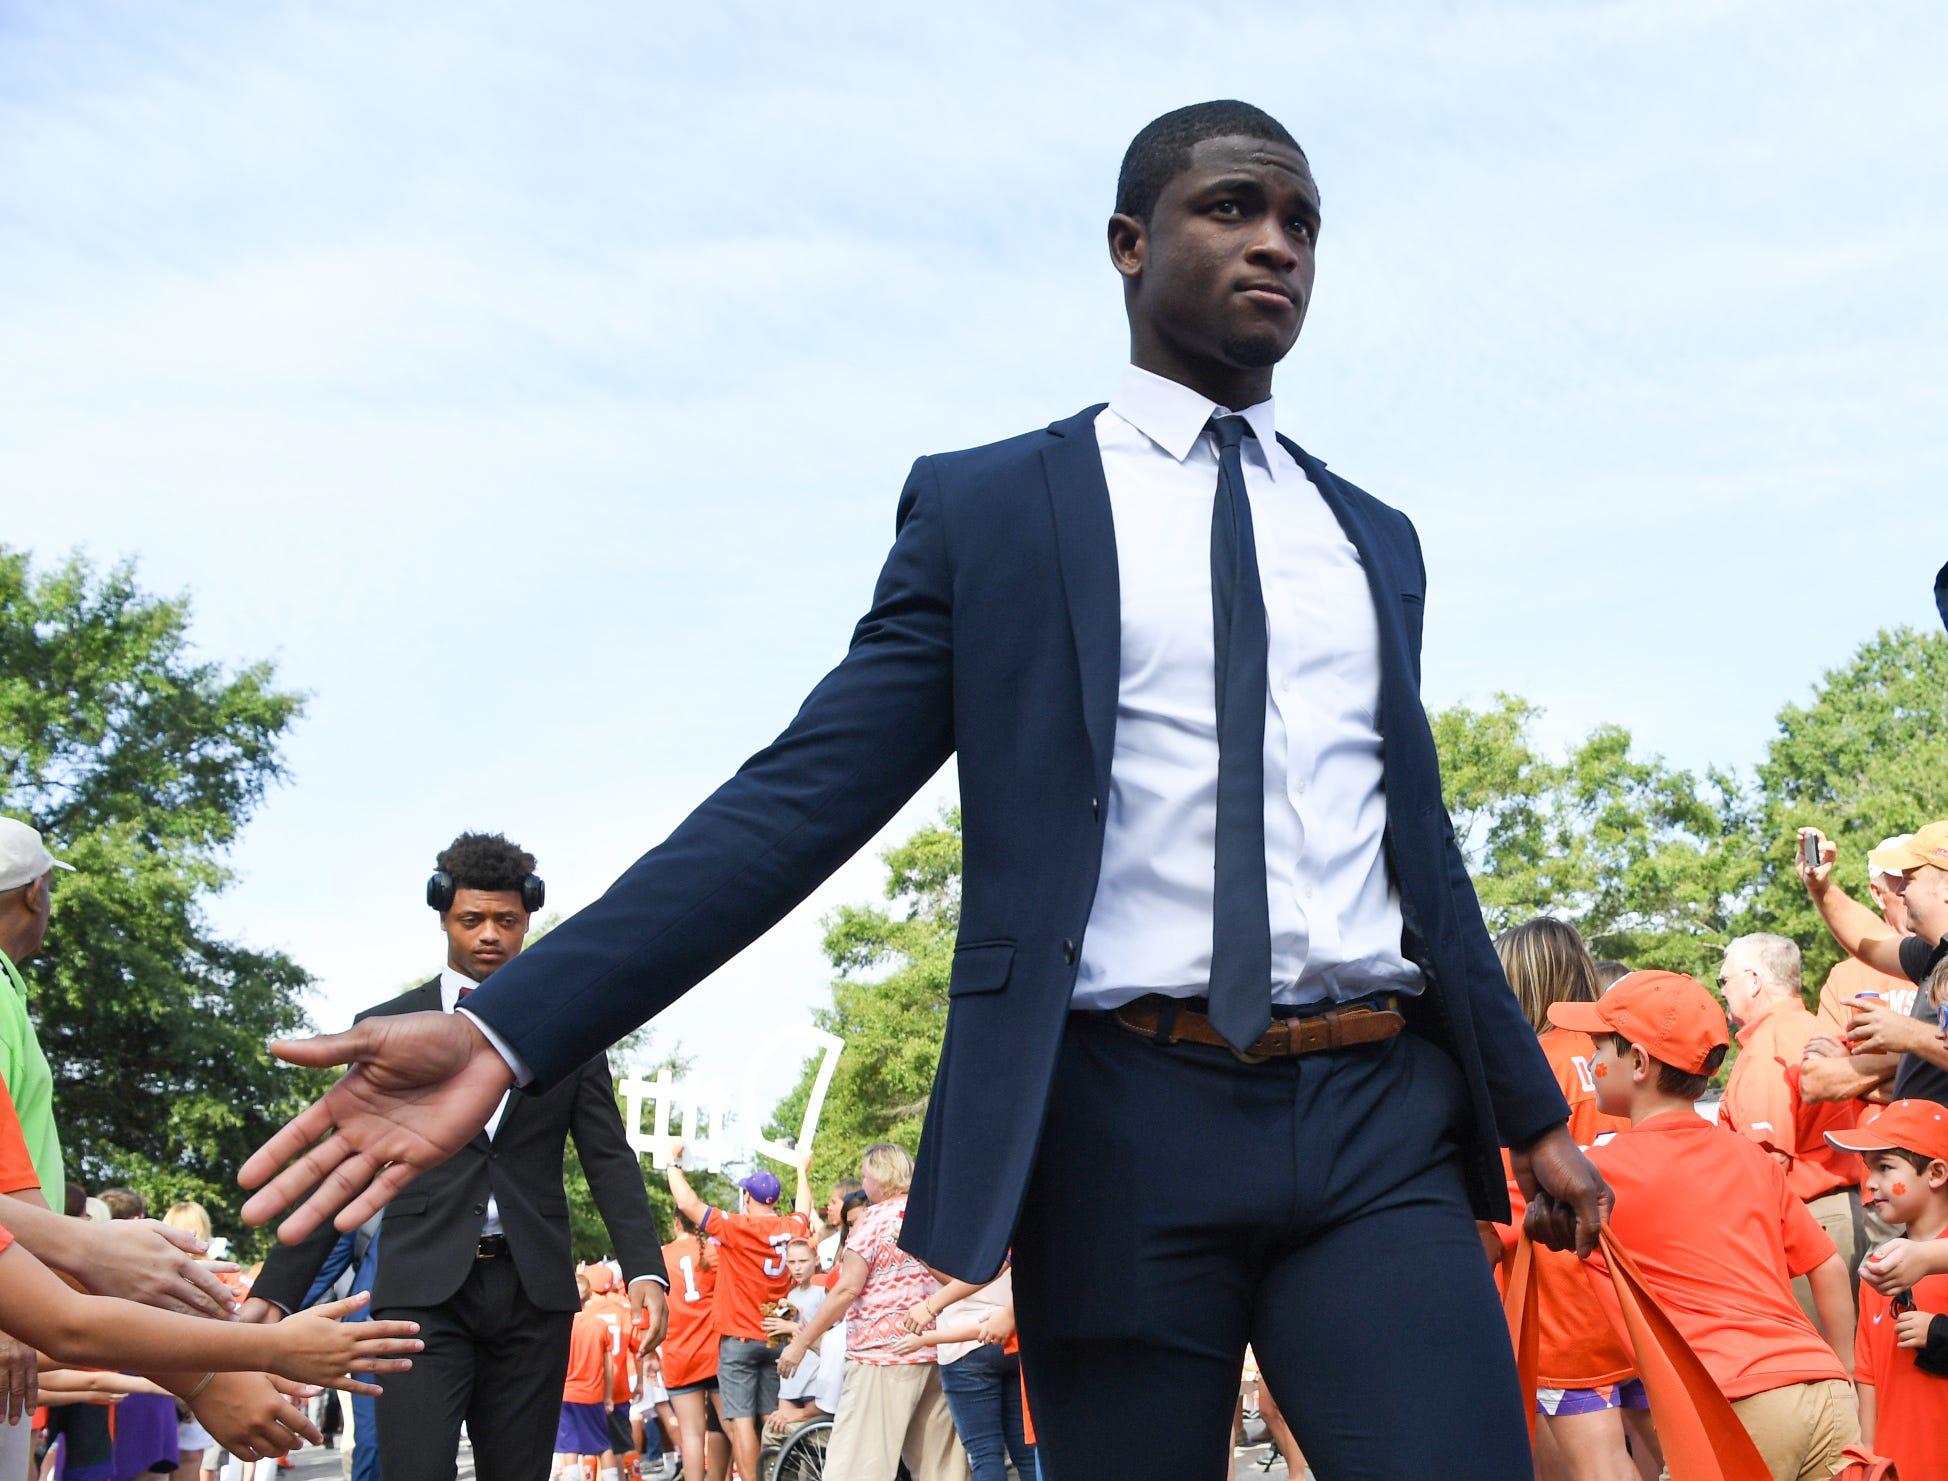 Clemson cornerback Trayvon Mullen (1) walks through fans toward Memorial Stadium during Tiger Walk in Clemson on Saturday, September 29, 2018.